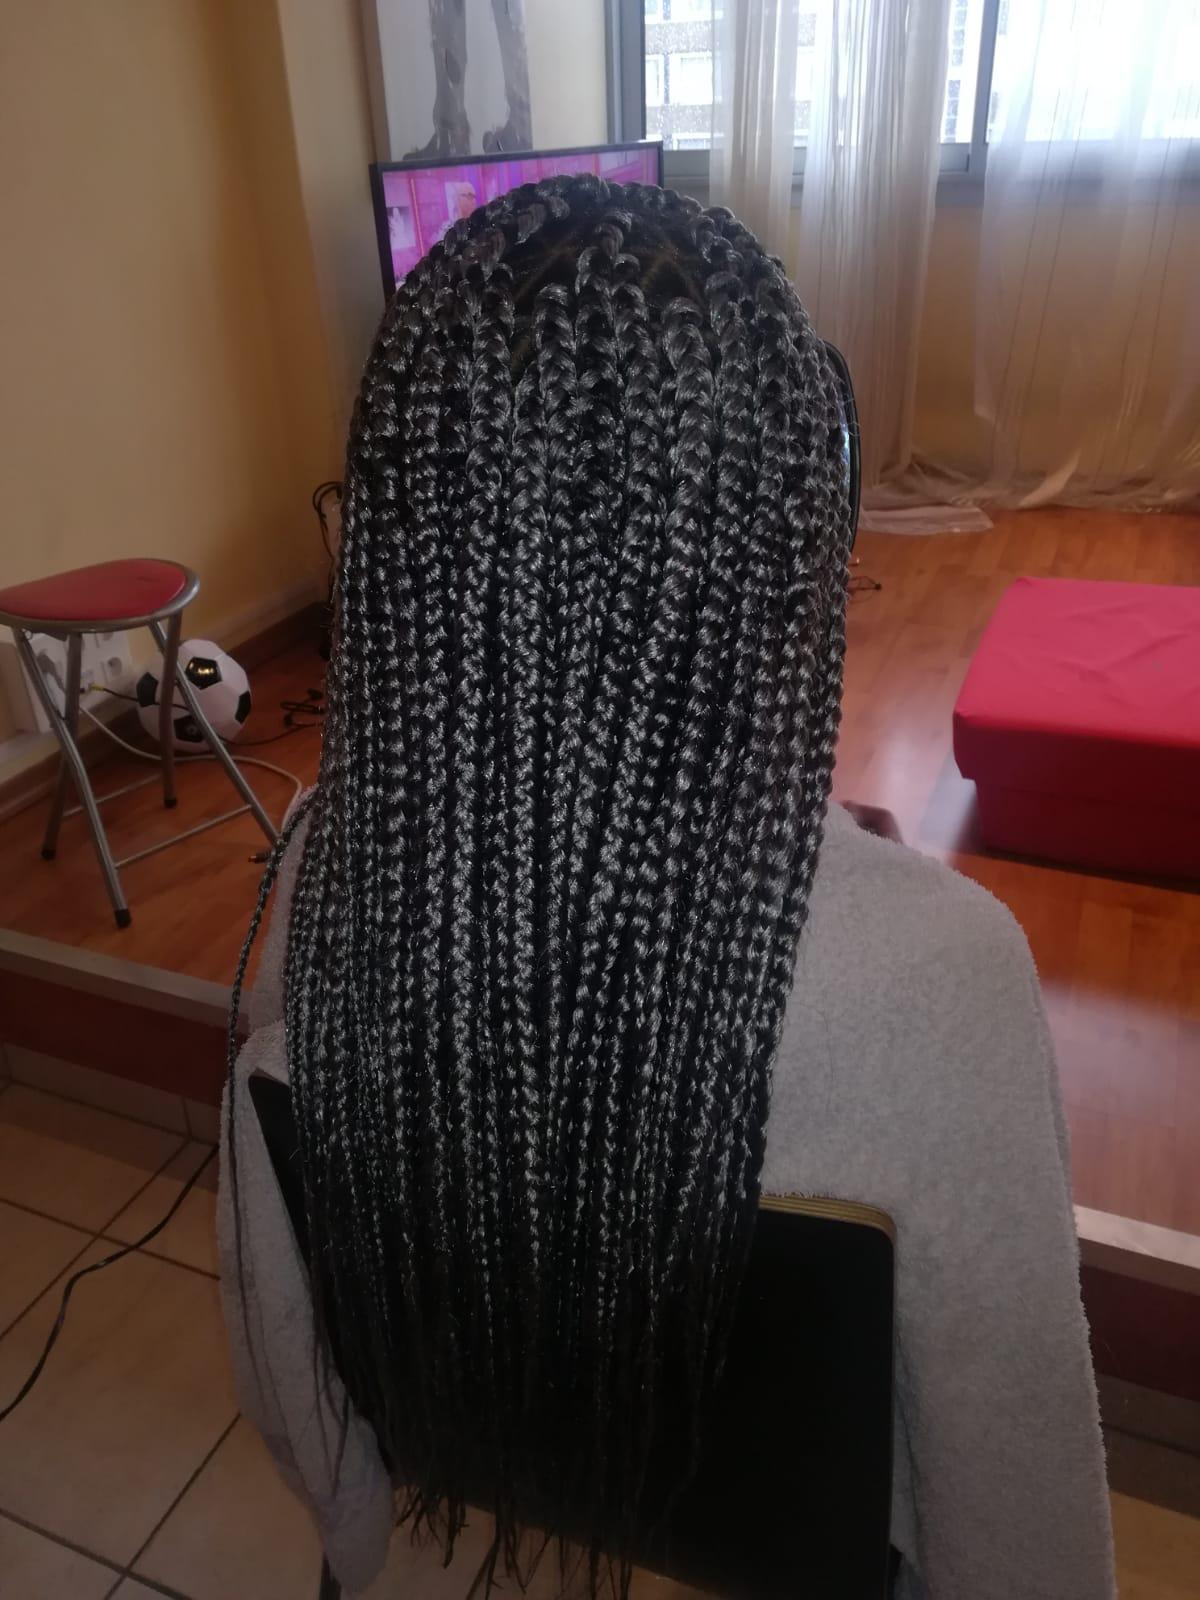 salon de coiffure afro tresse tresses box braids crochet braids vanilles tissages paris 75 77 78 91 92 93 94 95 NMEVFXLO